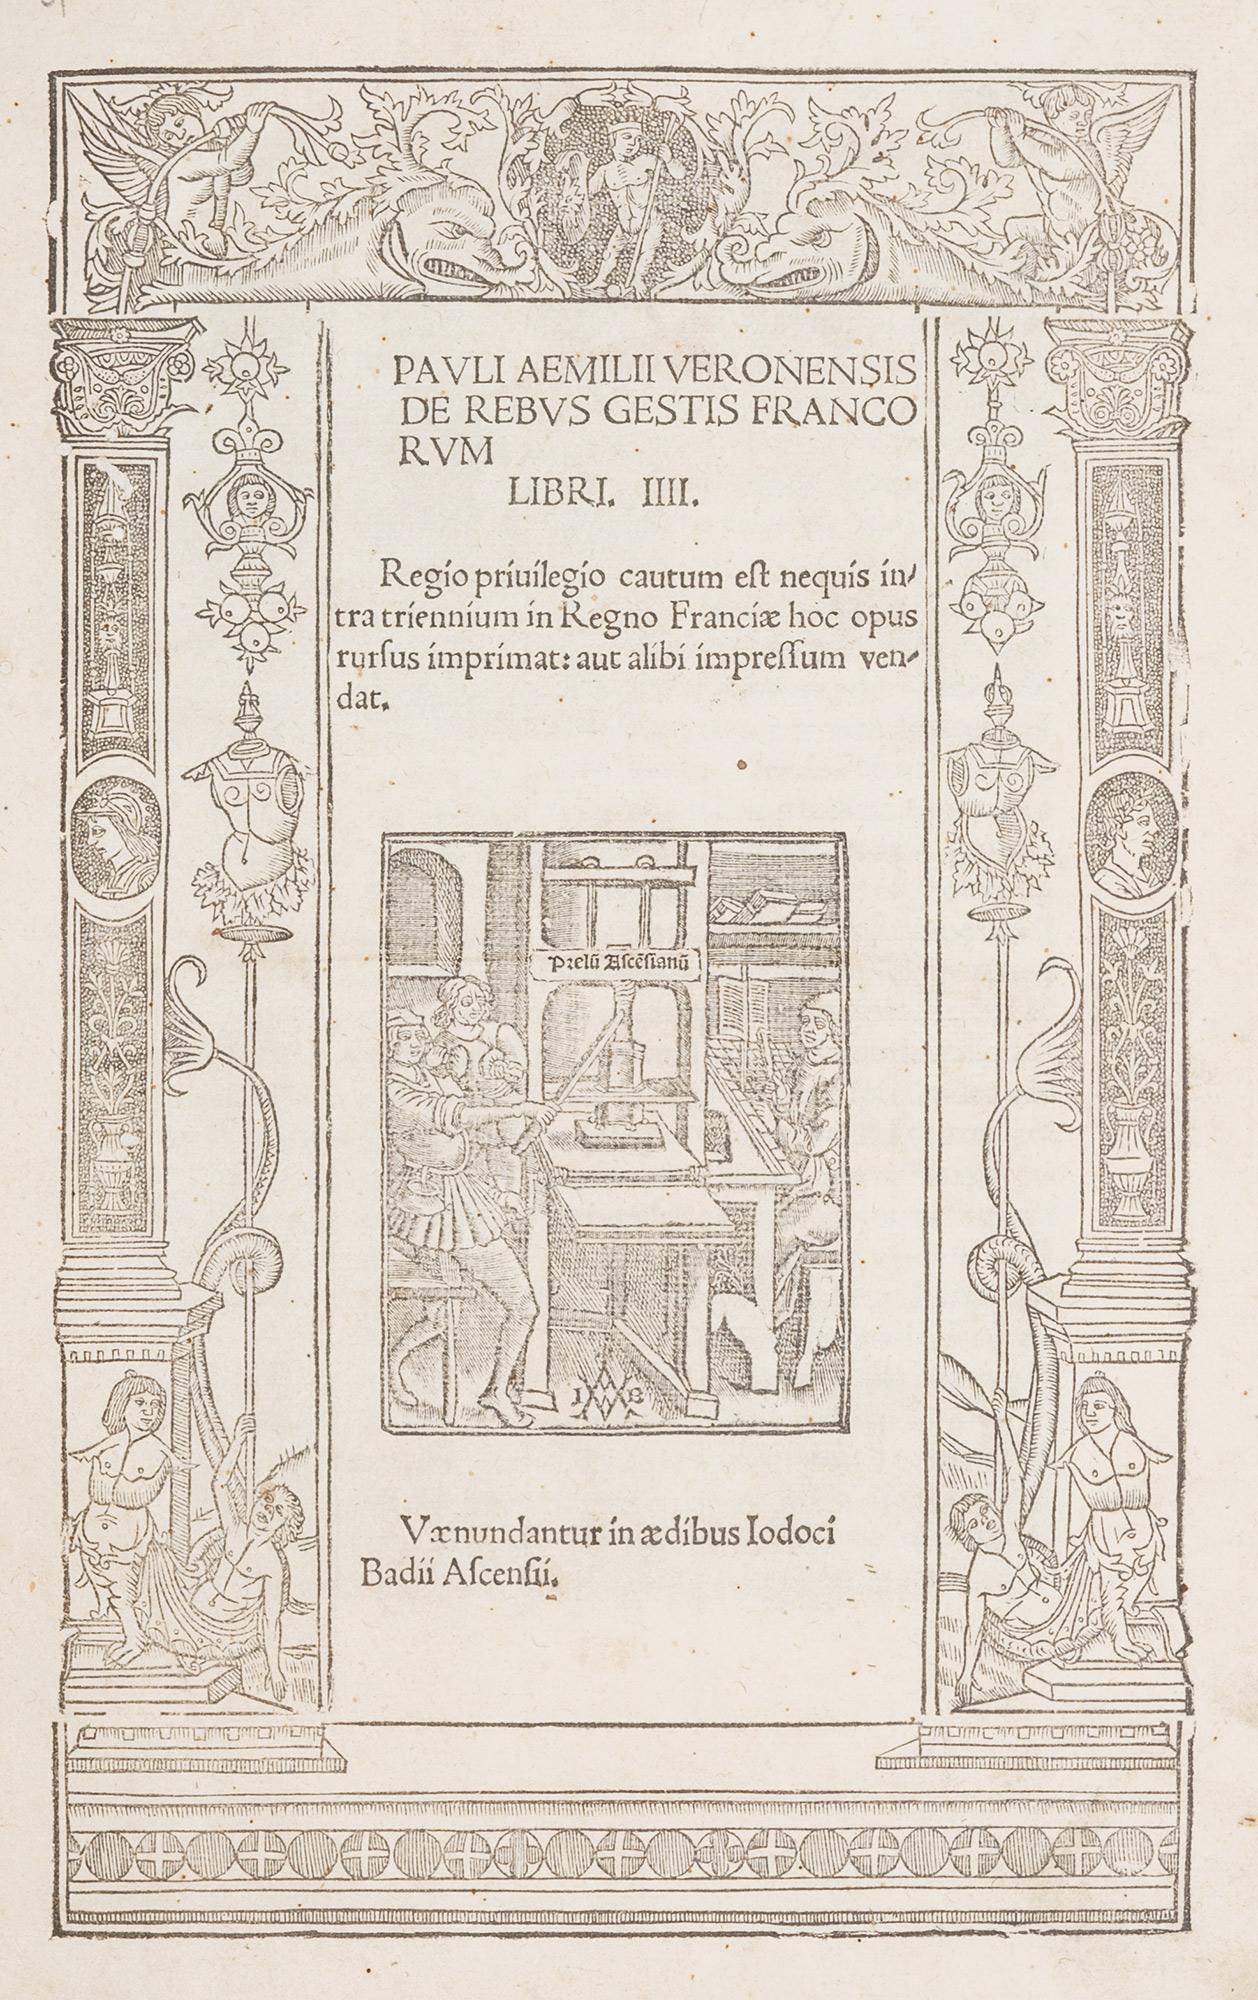 Pauli Aemilii Veronensis De rebus gestis Francorum libri IIII